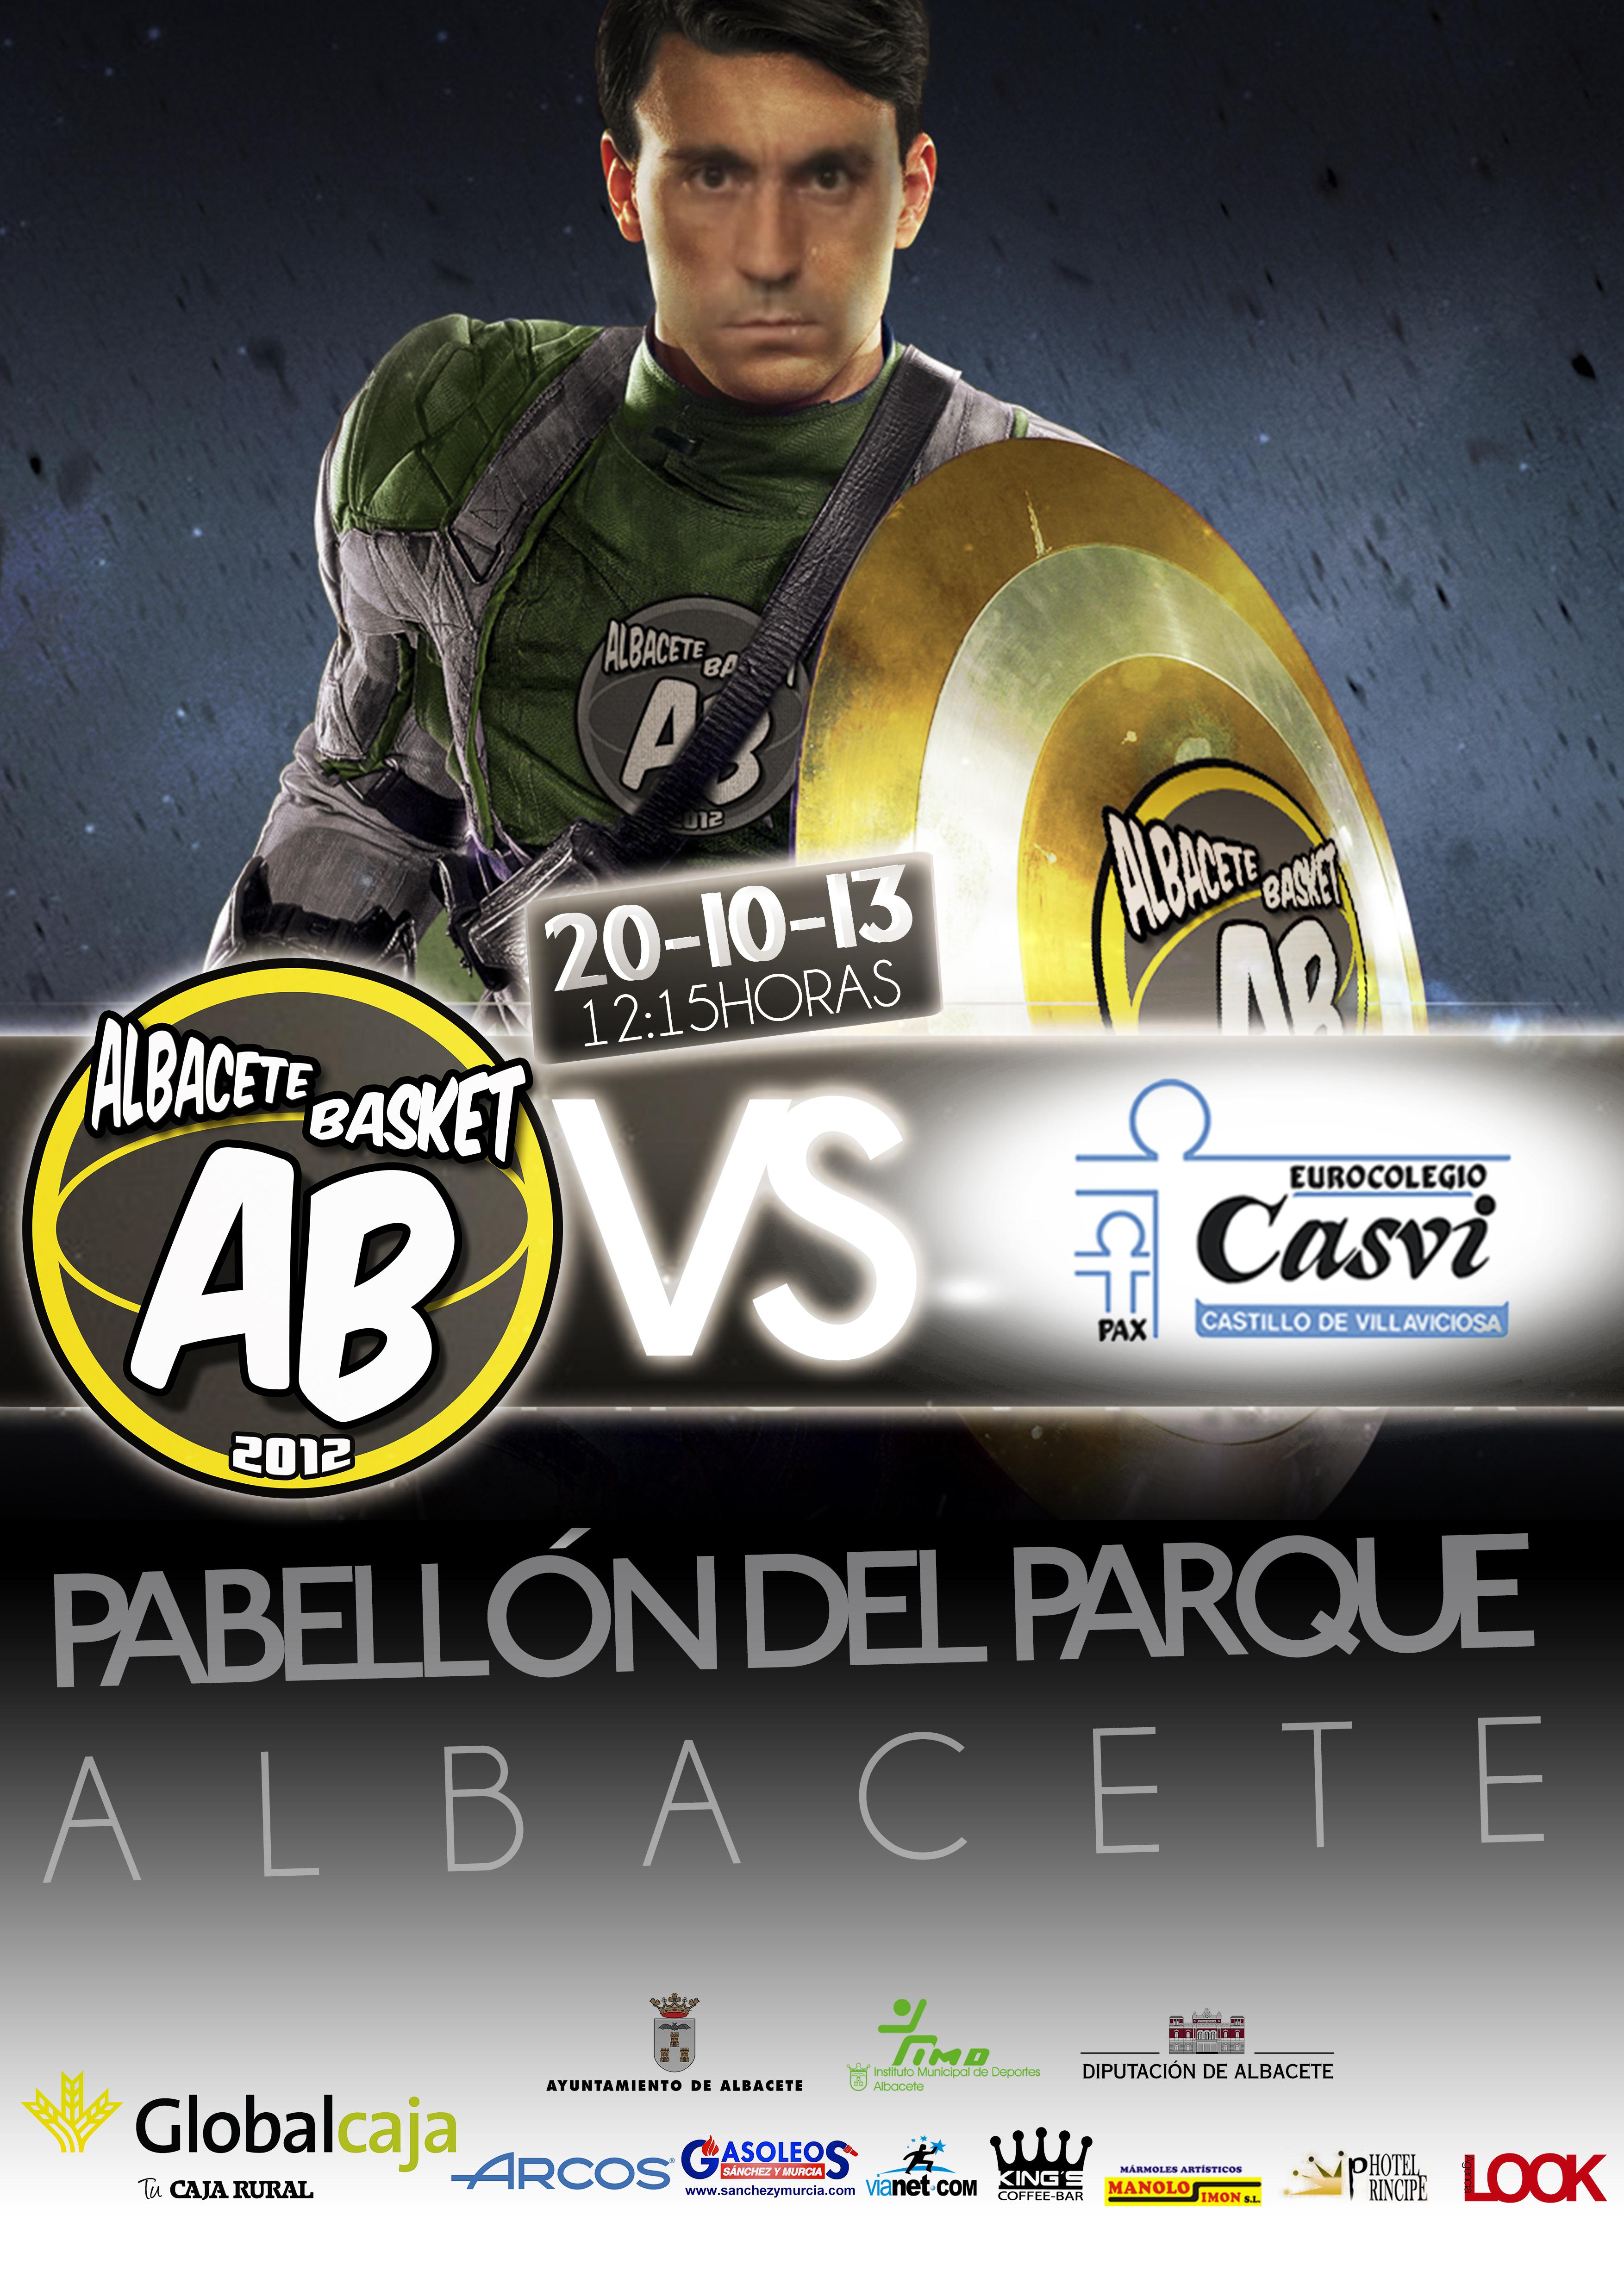 Cartel del Albacete Basket - Eurocolegio Casvi